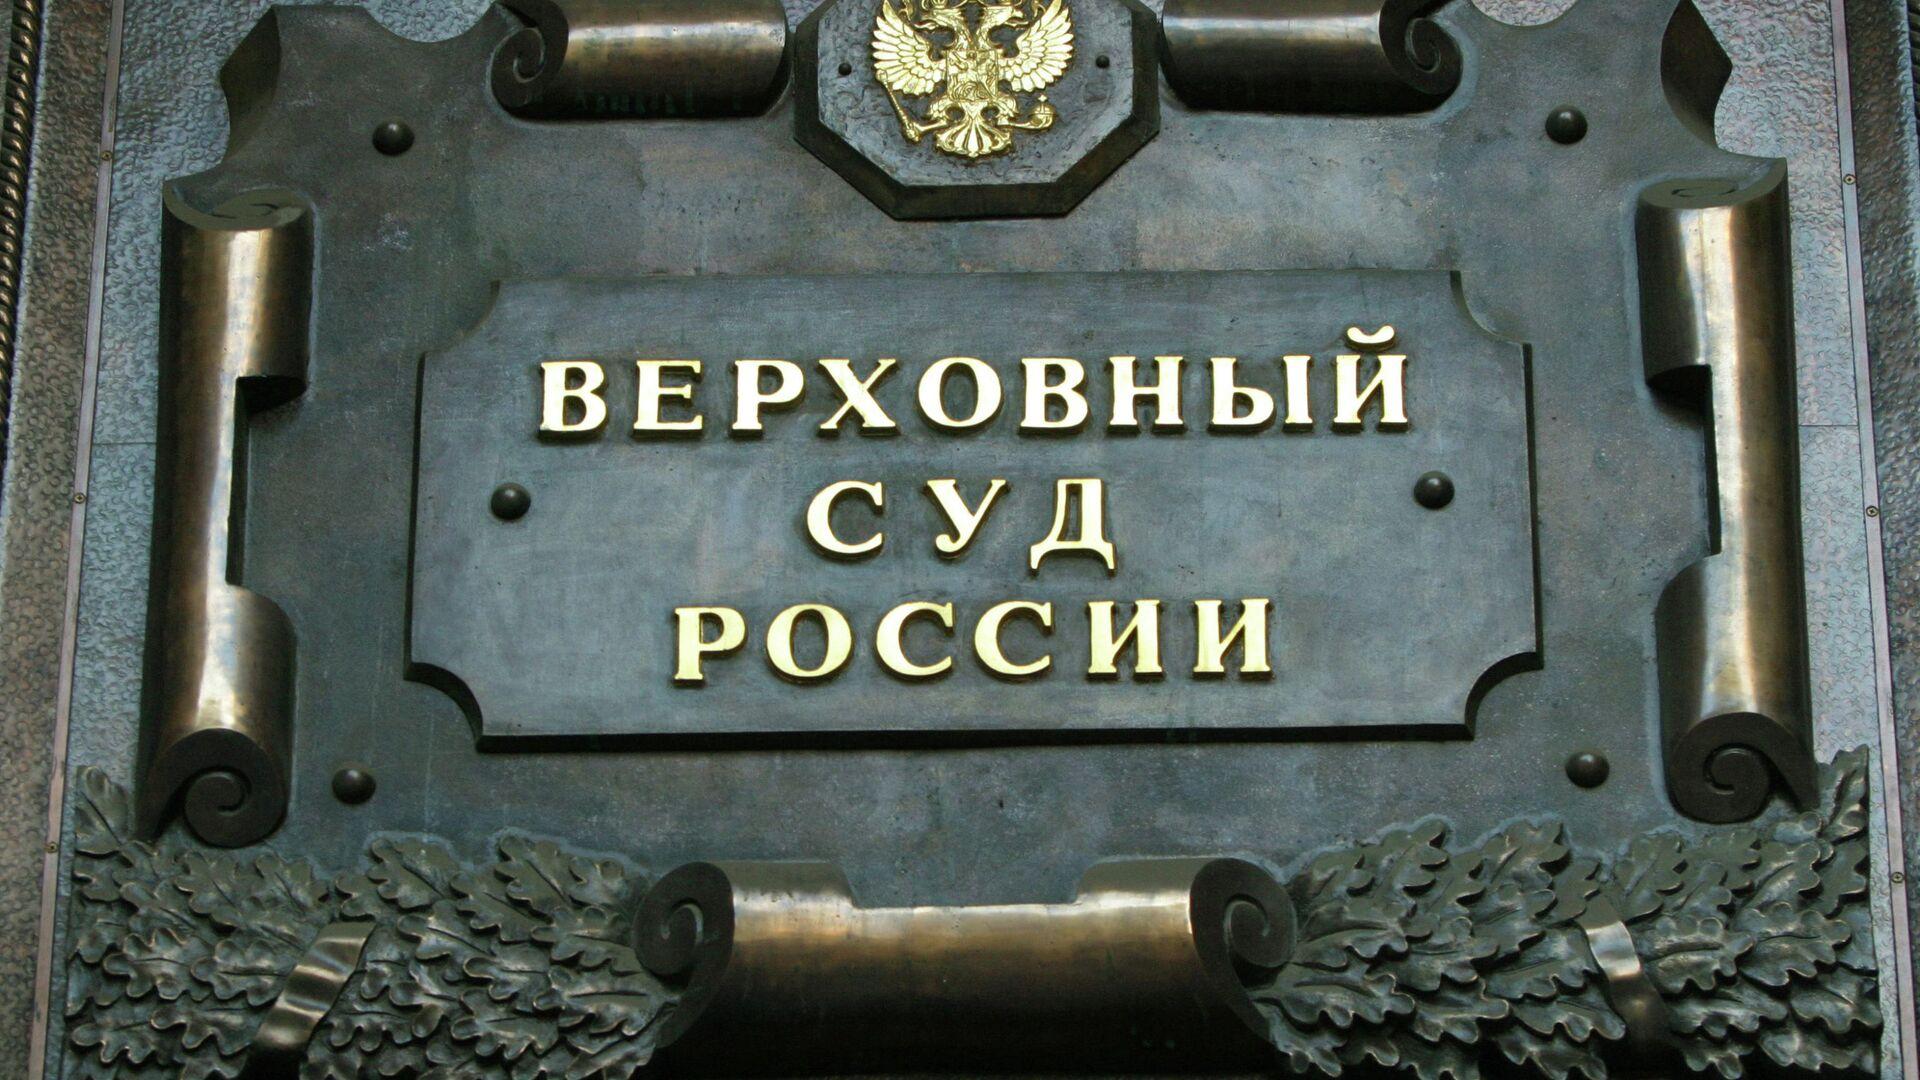 Верховный суд РФ - РИА Новости, 1920, 07.07.2020